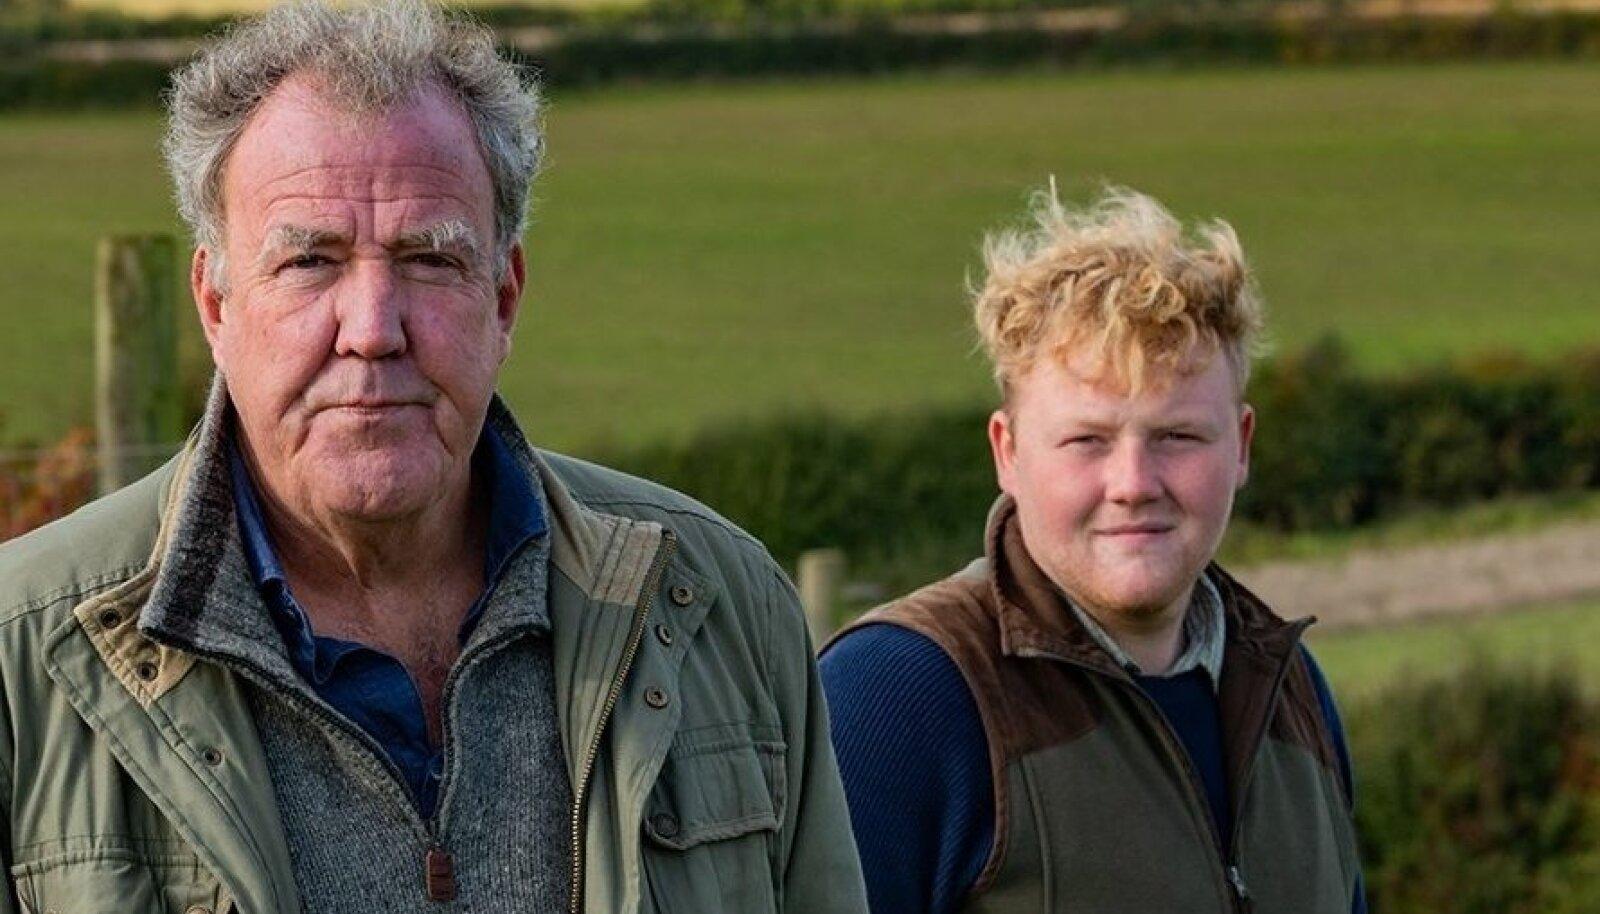 DIDDLY SQUATi FARMI RAHVAS: Telestaar Jeremy Clarkson ja tema farmisarja tõeline staar, noor põllumees Kaleb Cooper, kelle eeskujul tahavad sajad noored nüüd ka ise põllumeheks saada.